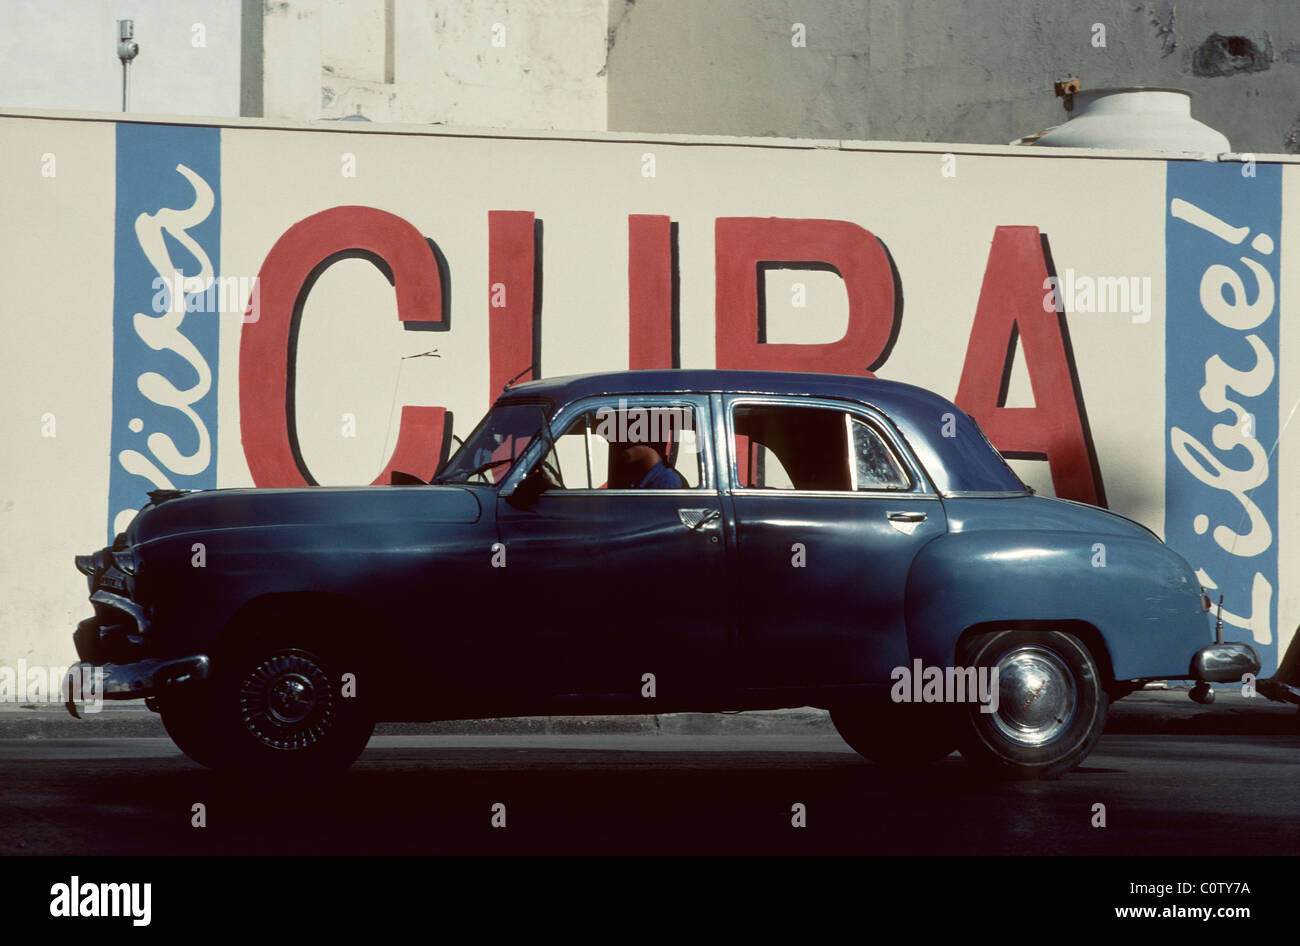 Havana. Cuba. Vintage American car in front of patriotic slogan 'Viva Cuba Libre' in Old Havana. - Stock Image